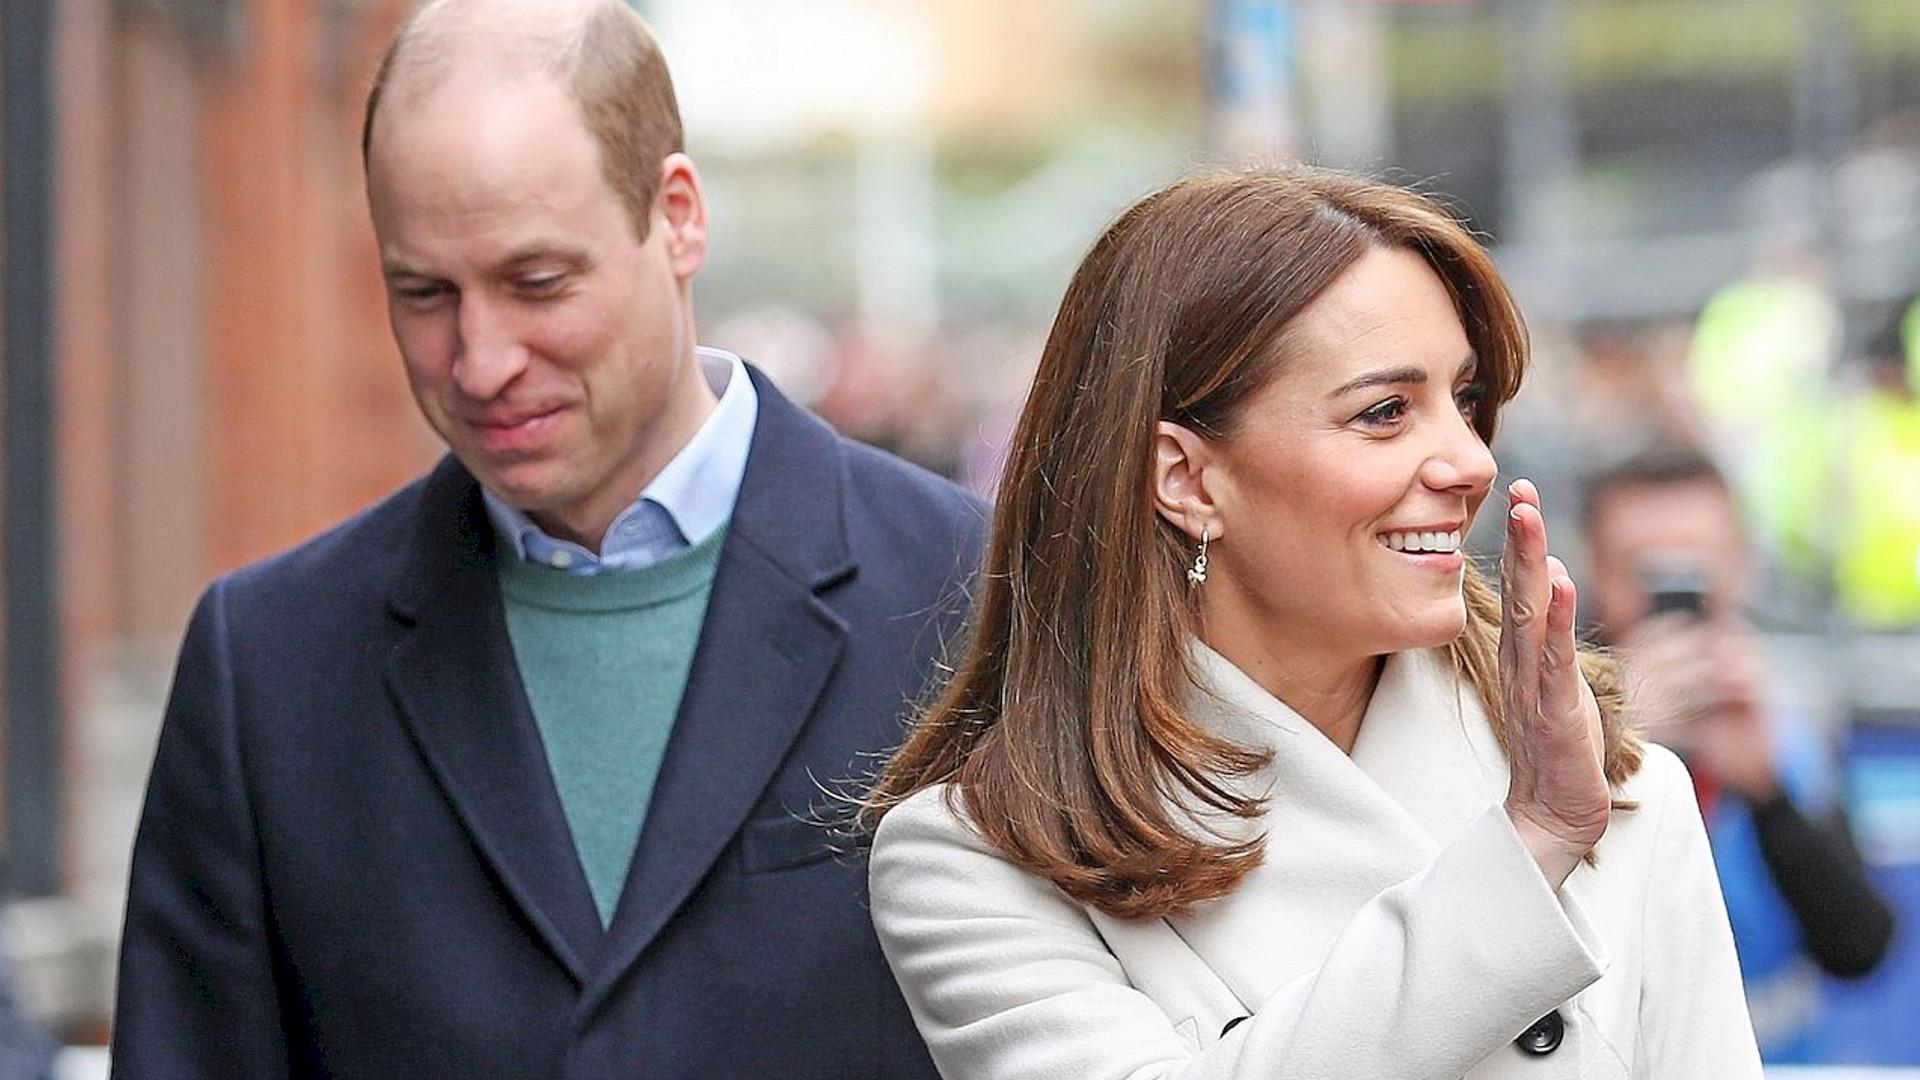 Księżna Kate i książę William pokazali, jak MIESZKAJĄ. Uwagę zwraca to, co znajduje się na ścianie